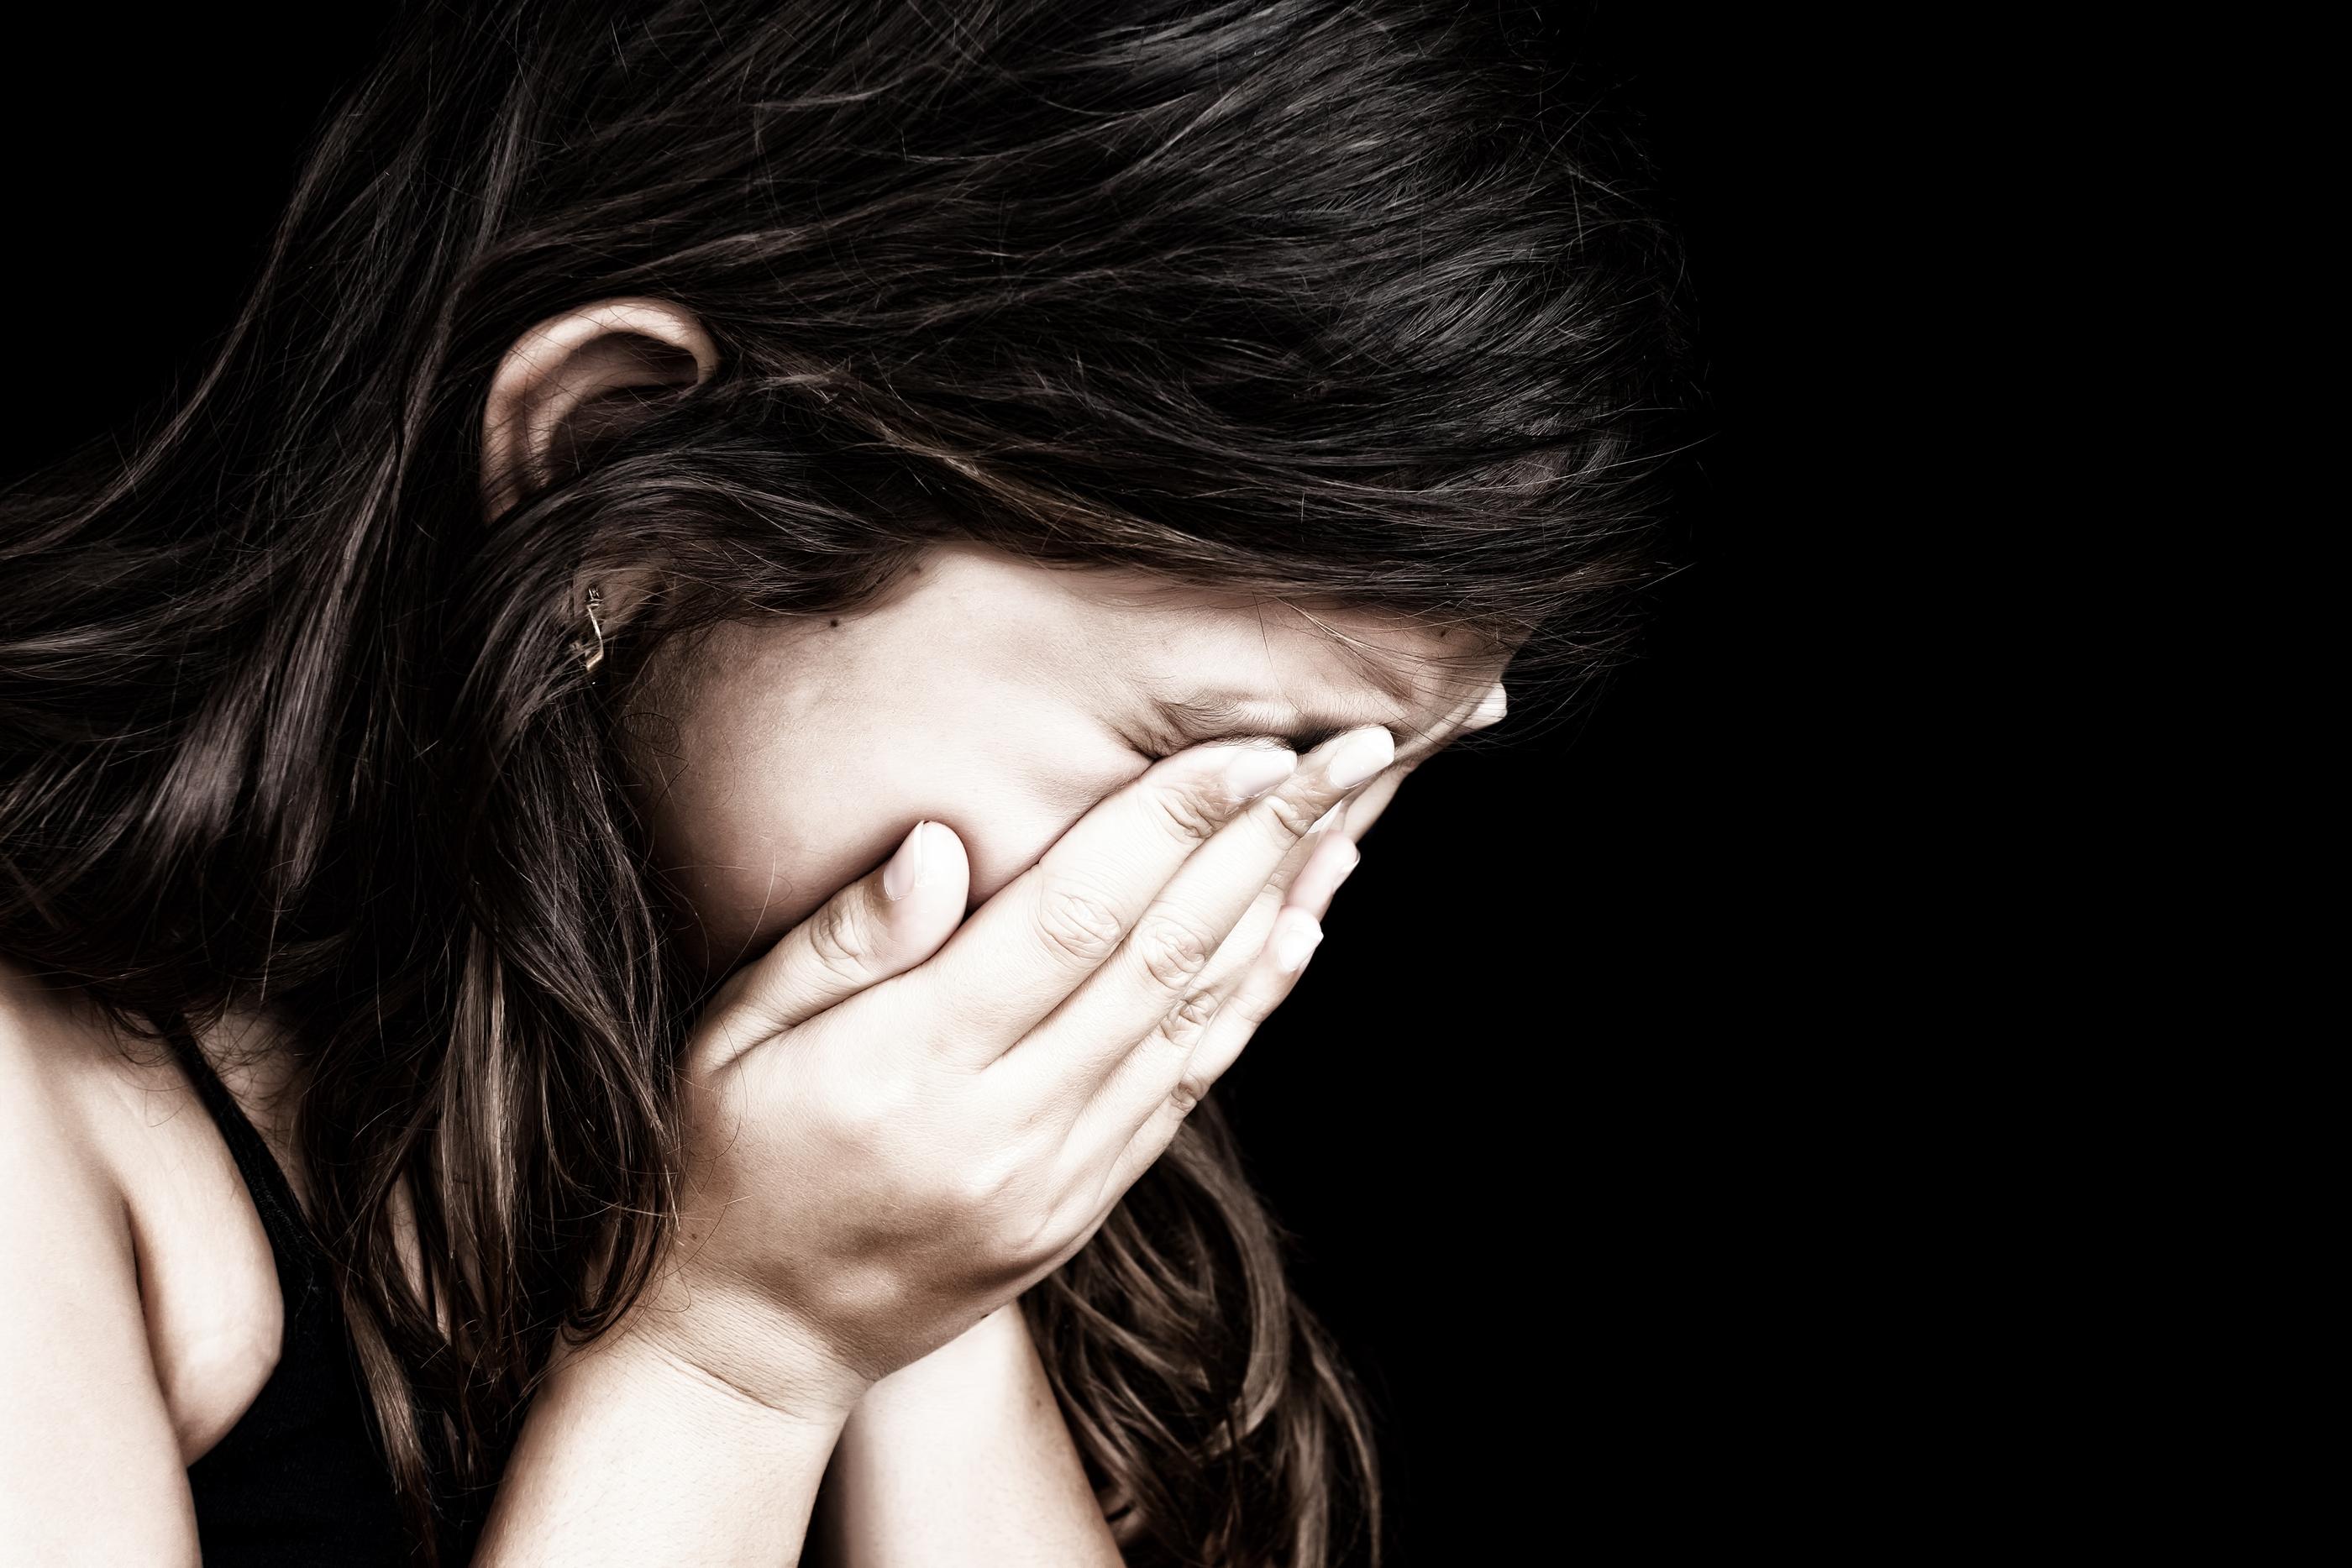 Смотреть бесплатно отец надругался над дочерью 18 фотография